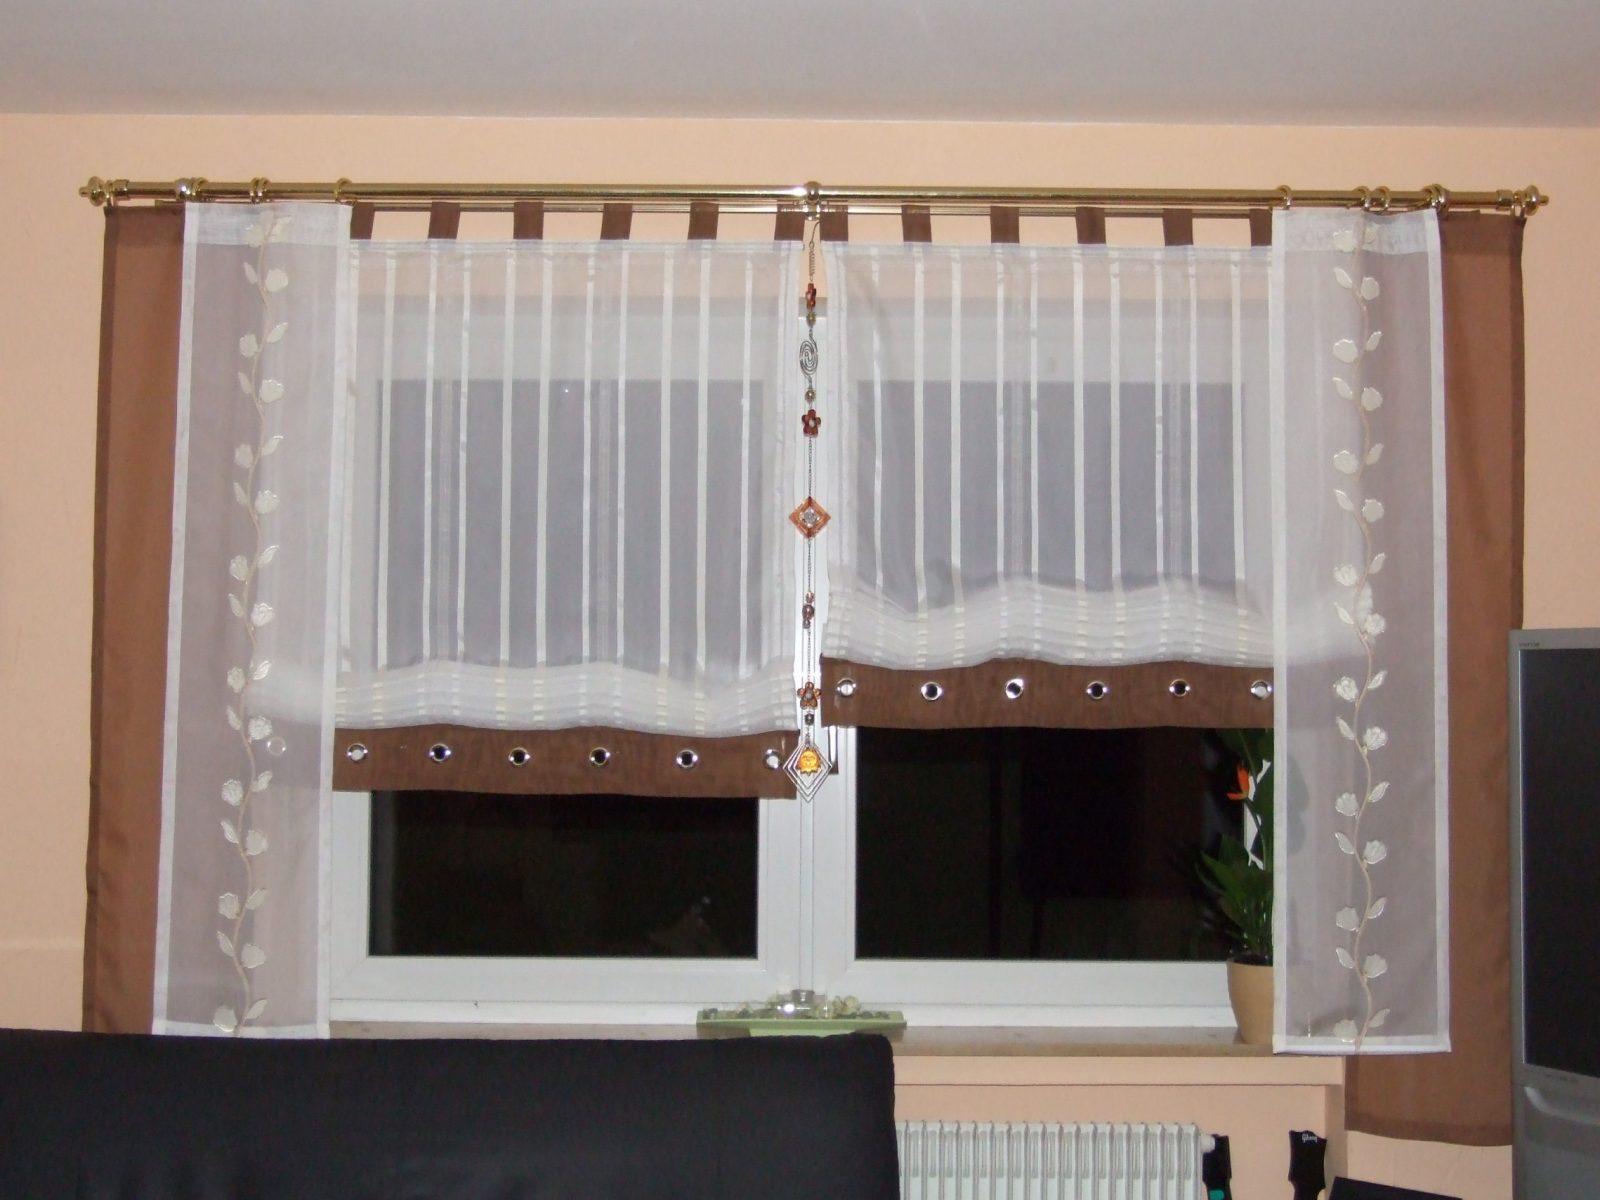 Gardinen Modern Wohnzimmer Braun von Gardinen Modern Wohnzimmer Braun Bild